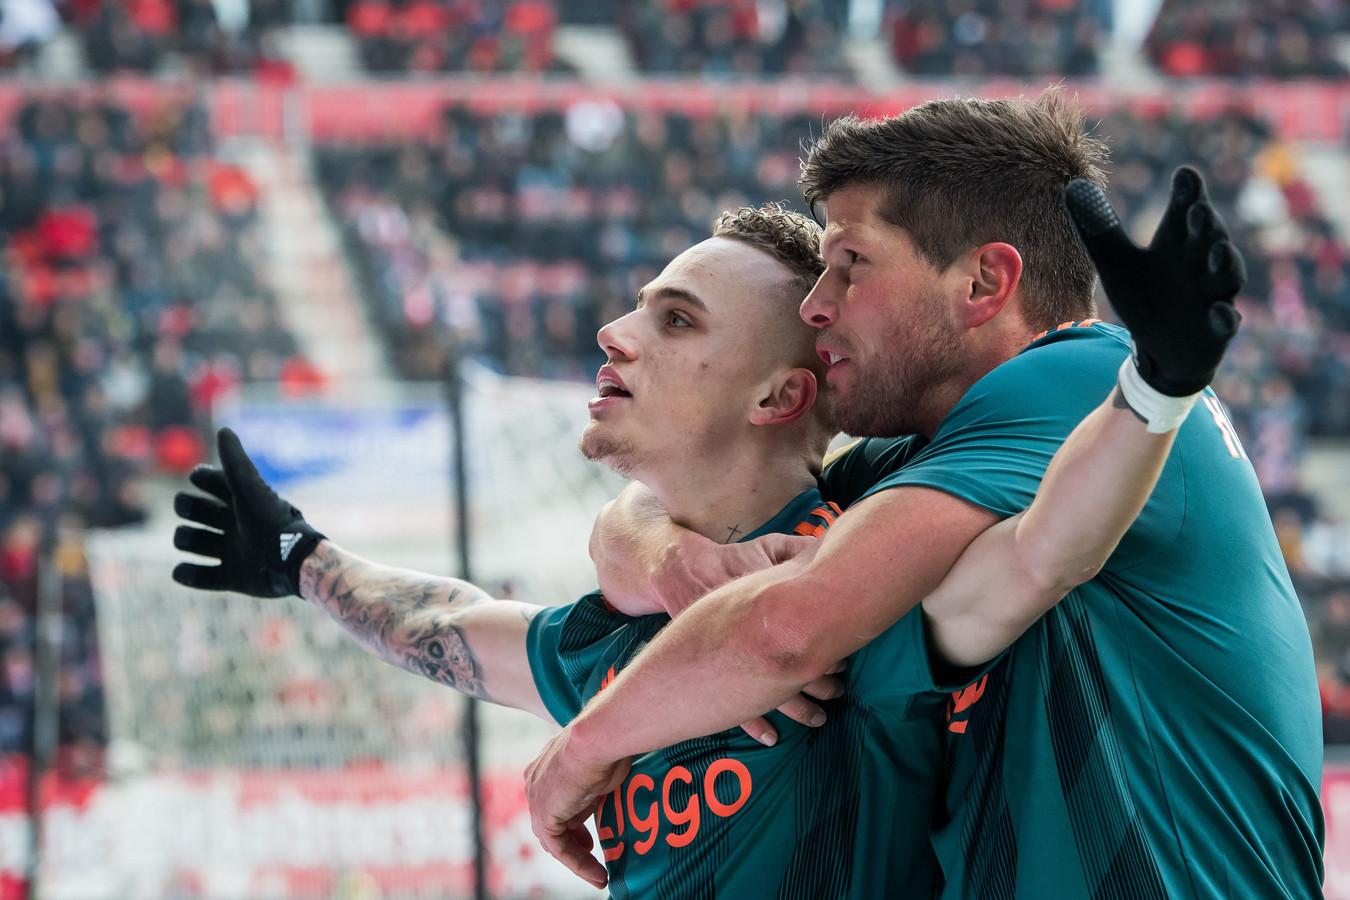 De grote mannen bij Ajax vandaag: Noa Lang (3 goals) en Klaas-Jan Huntelaar (2 goals)